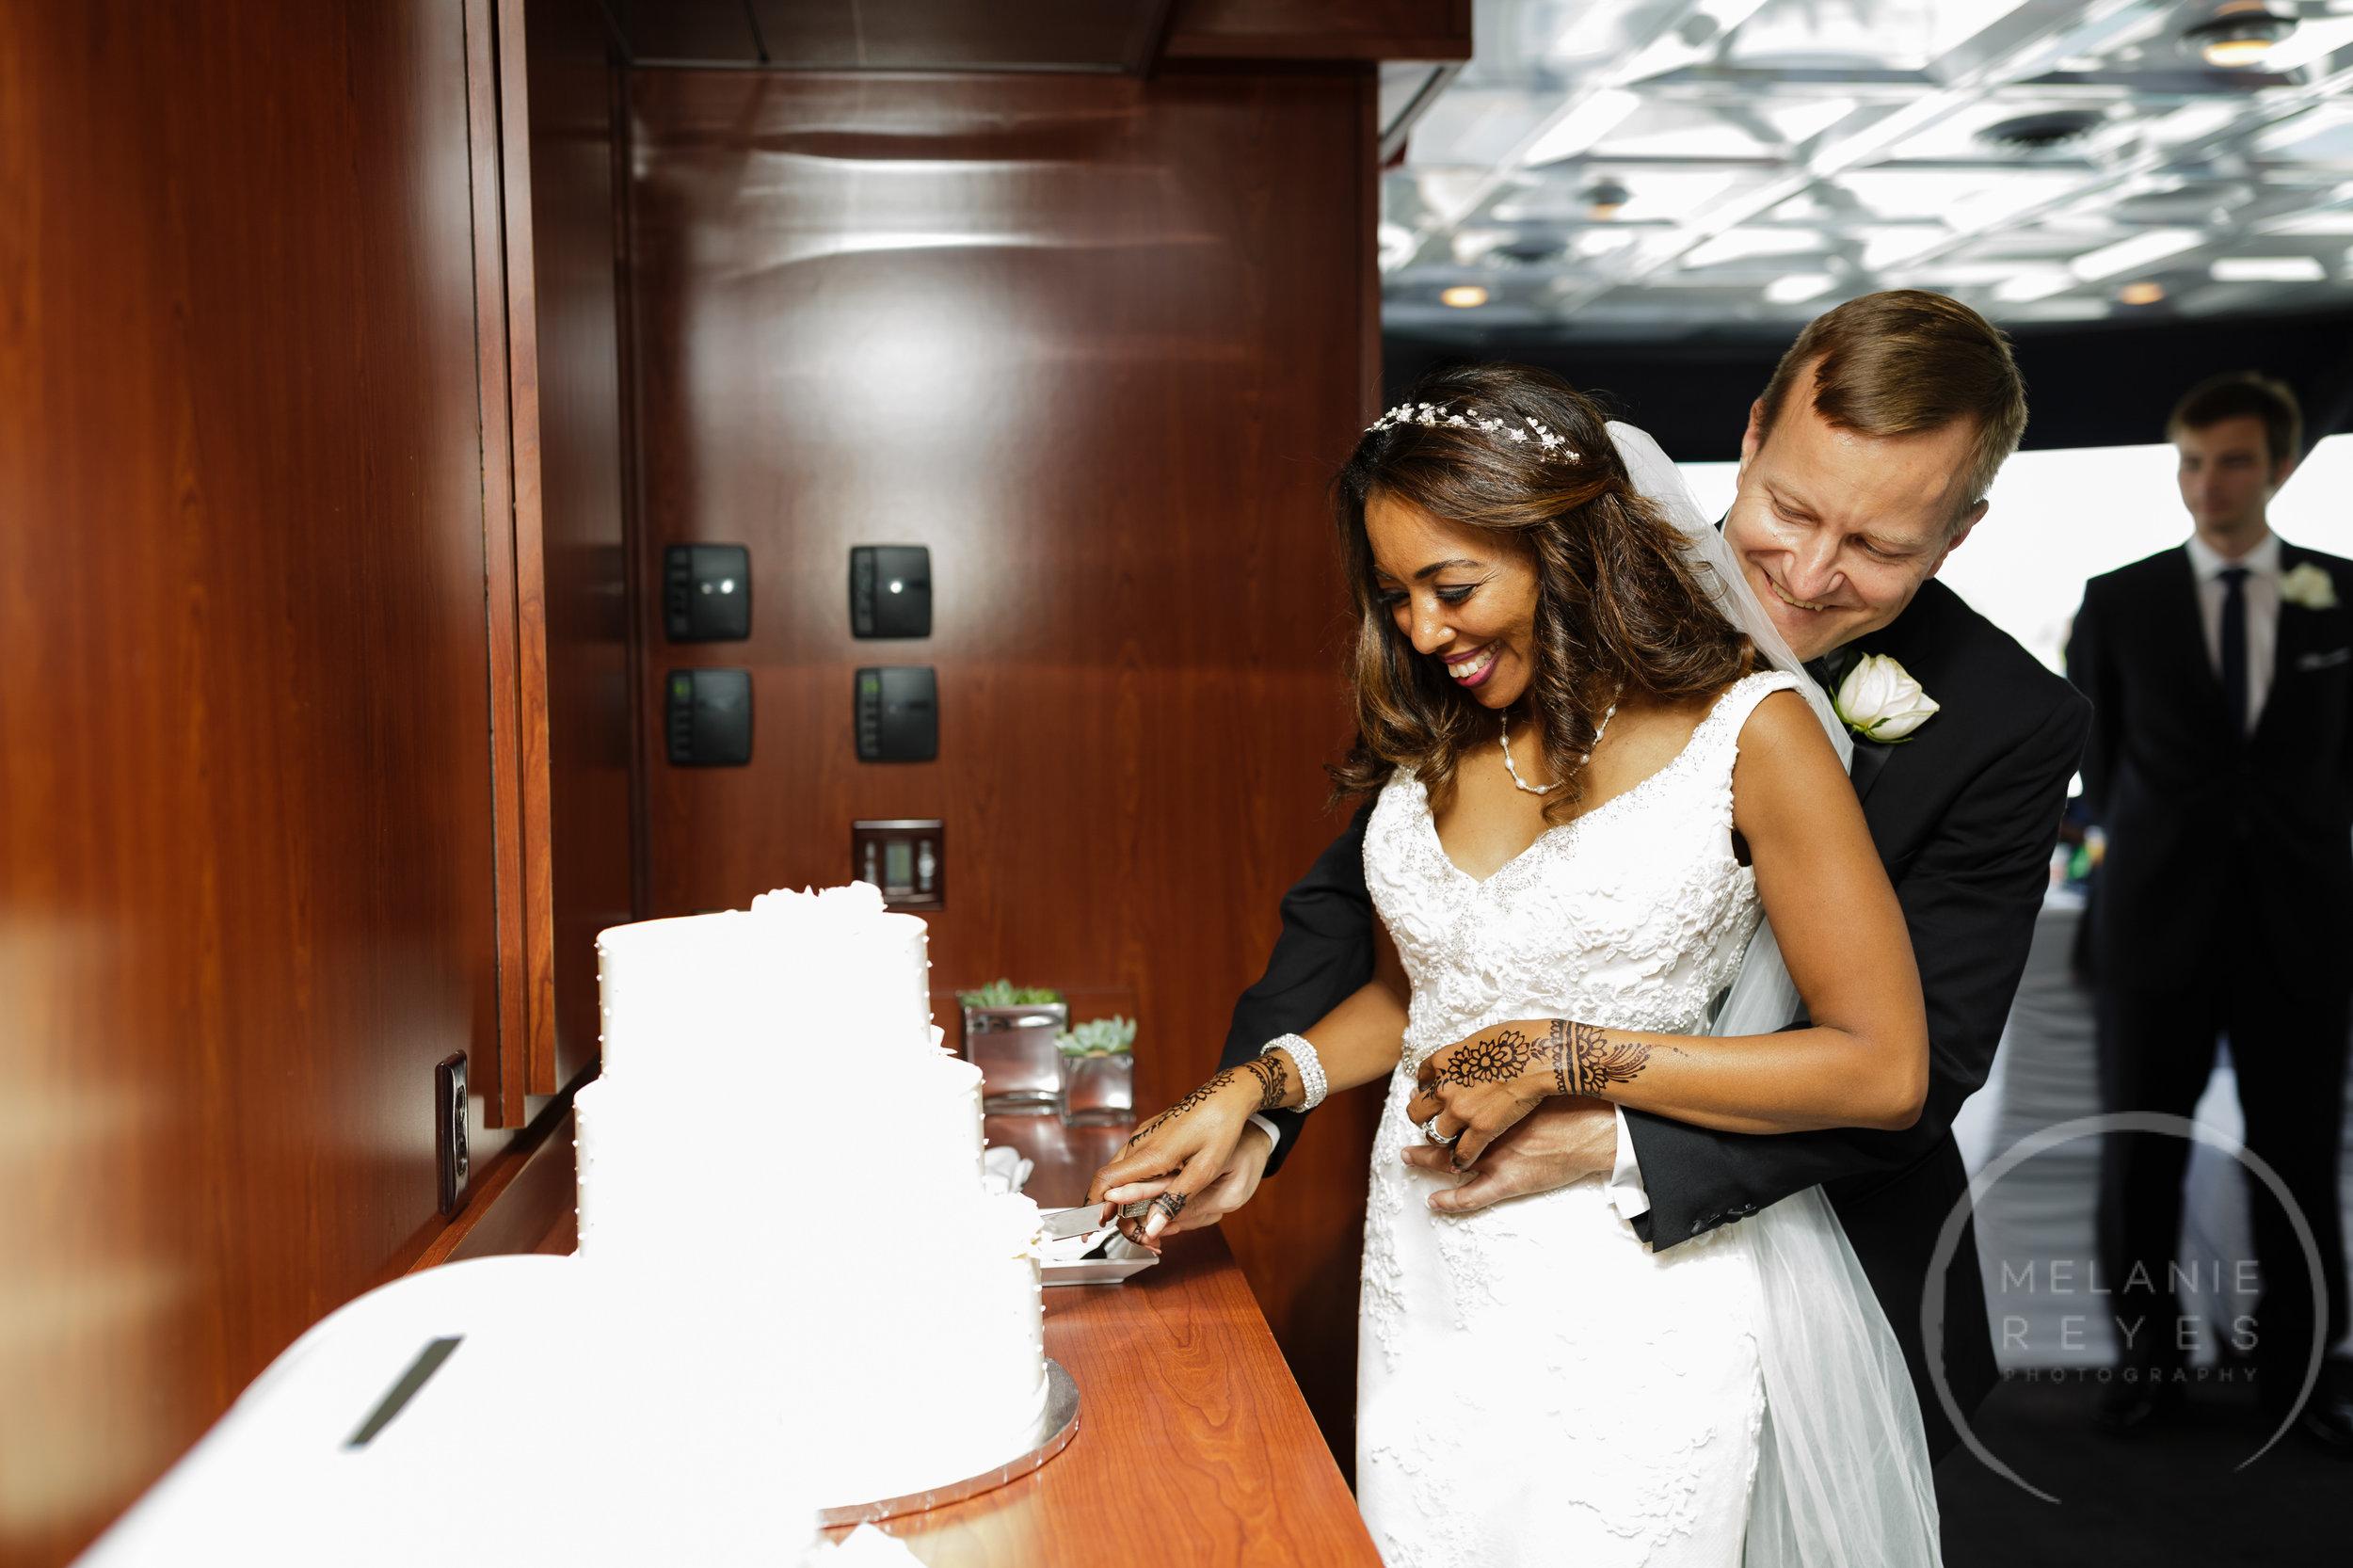 infinity_ovation_yacht_wedding_detroit_melaniereyes40.jpg